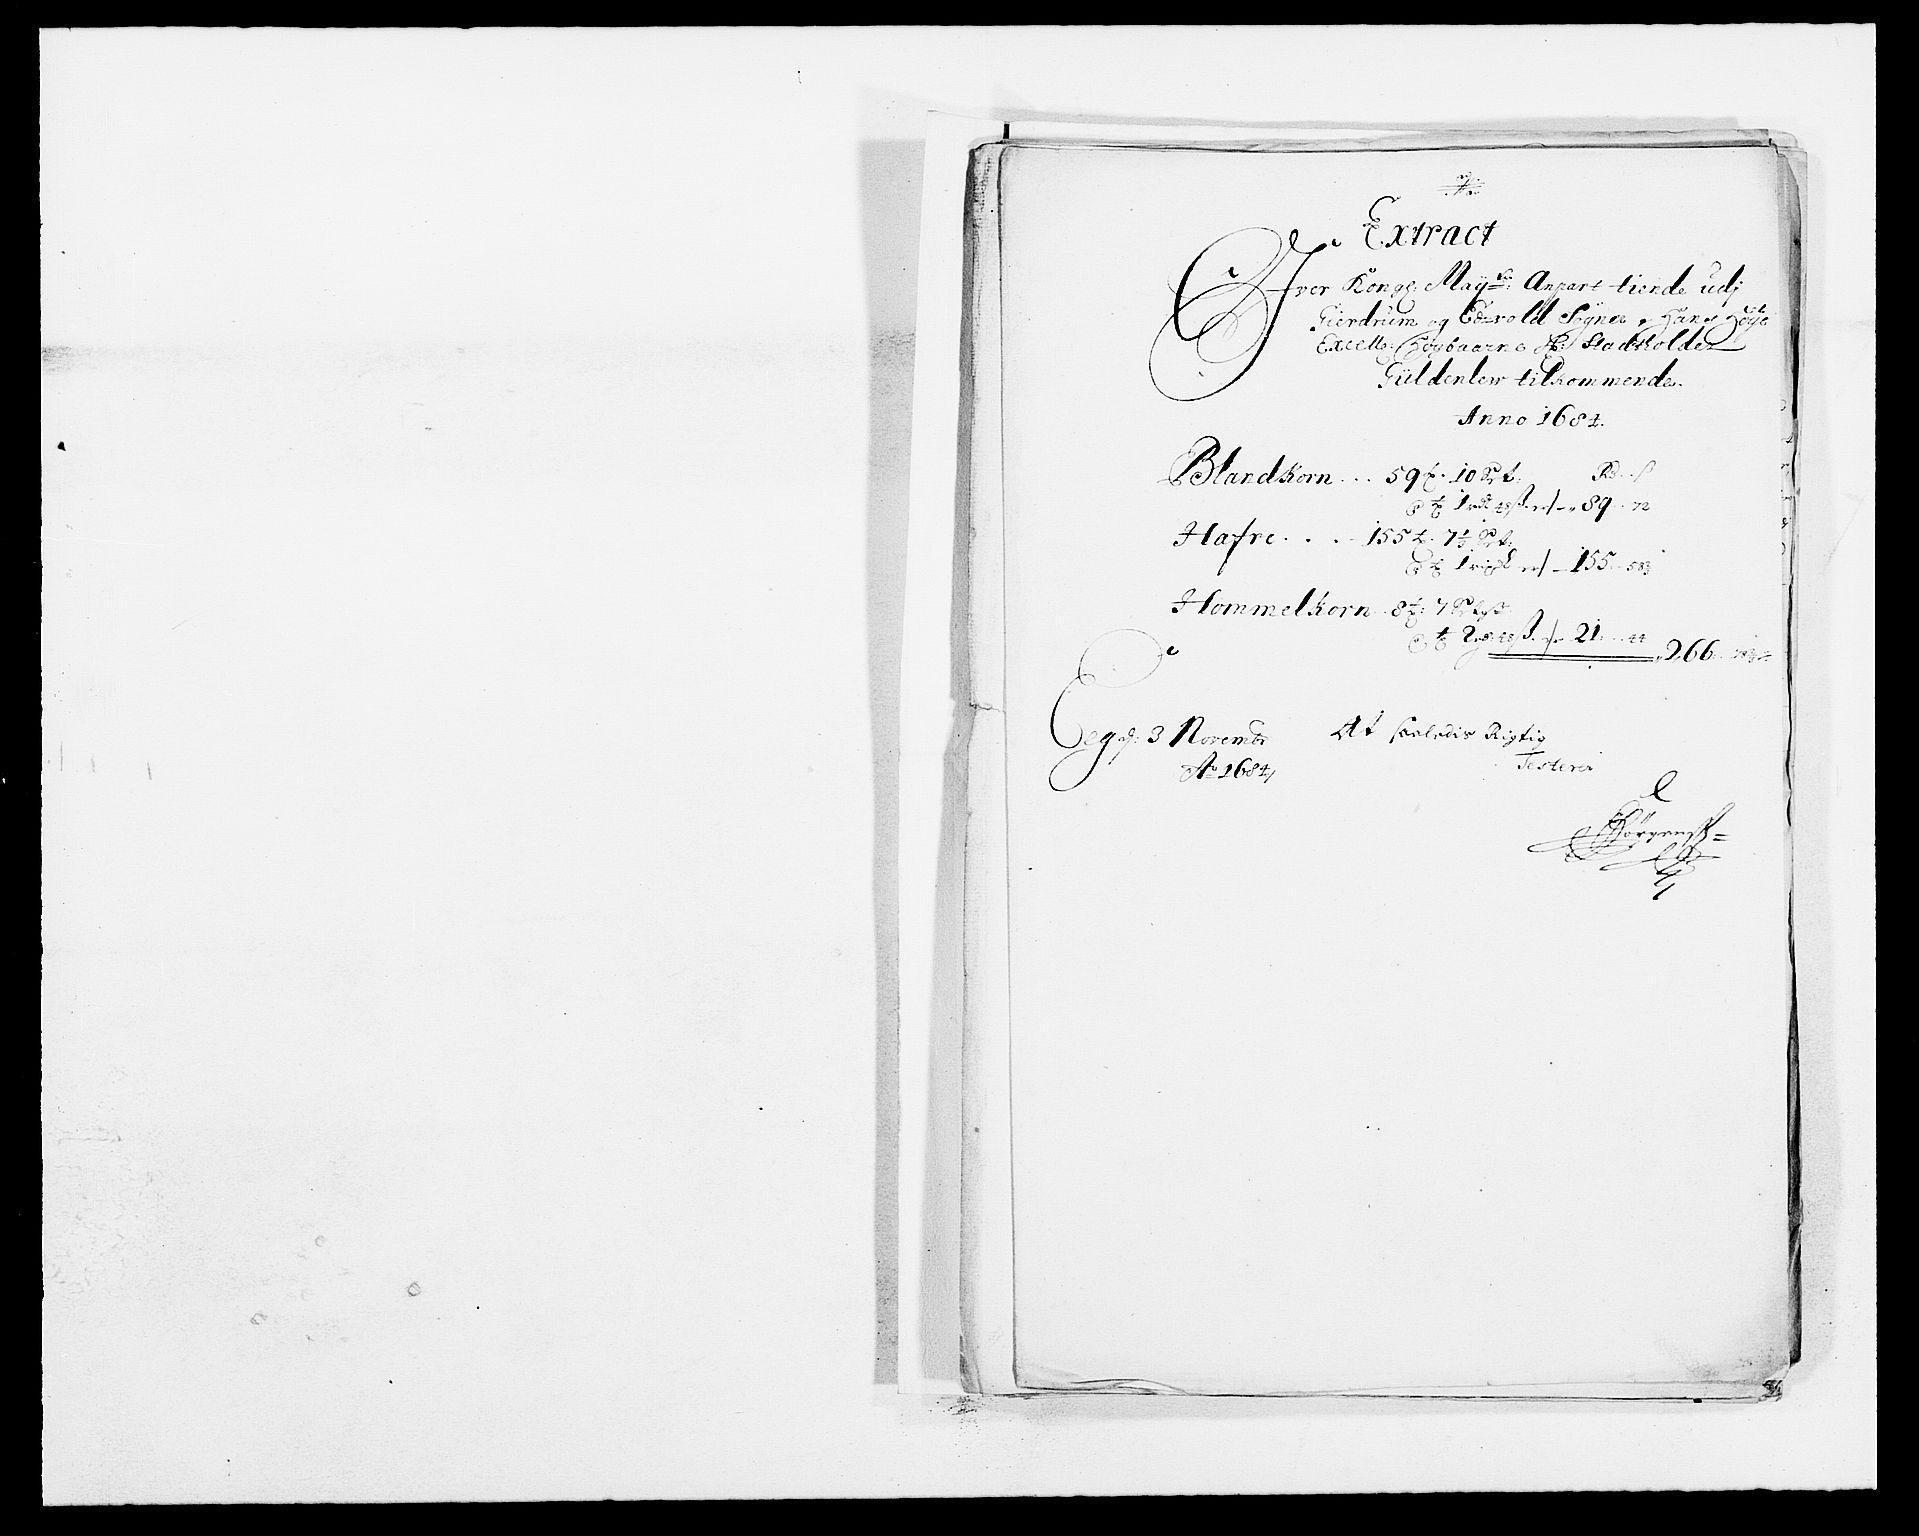 RA, Rentekammeret inntil 1814, Reviderte regnskaper, Fogderegnskap, R12/L0698: Fogderegnskap Øvre Romerike, 1684, s. 89